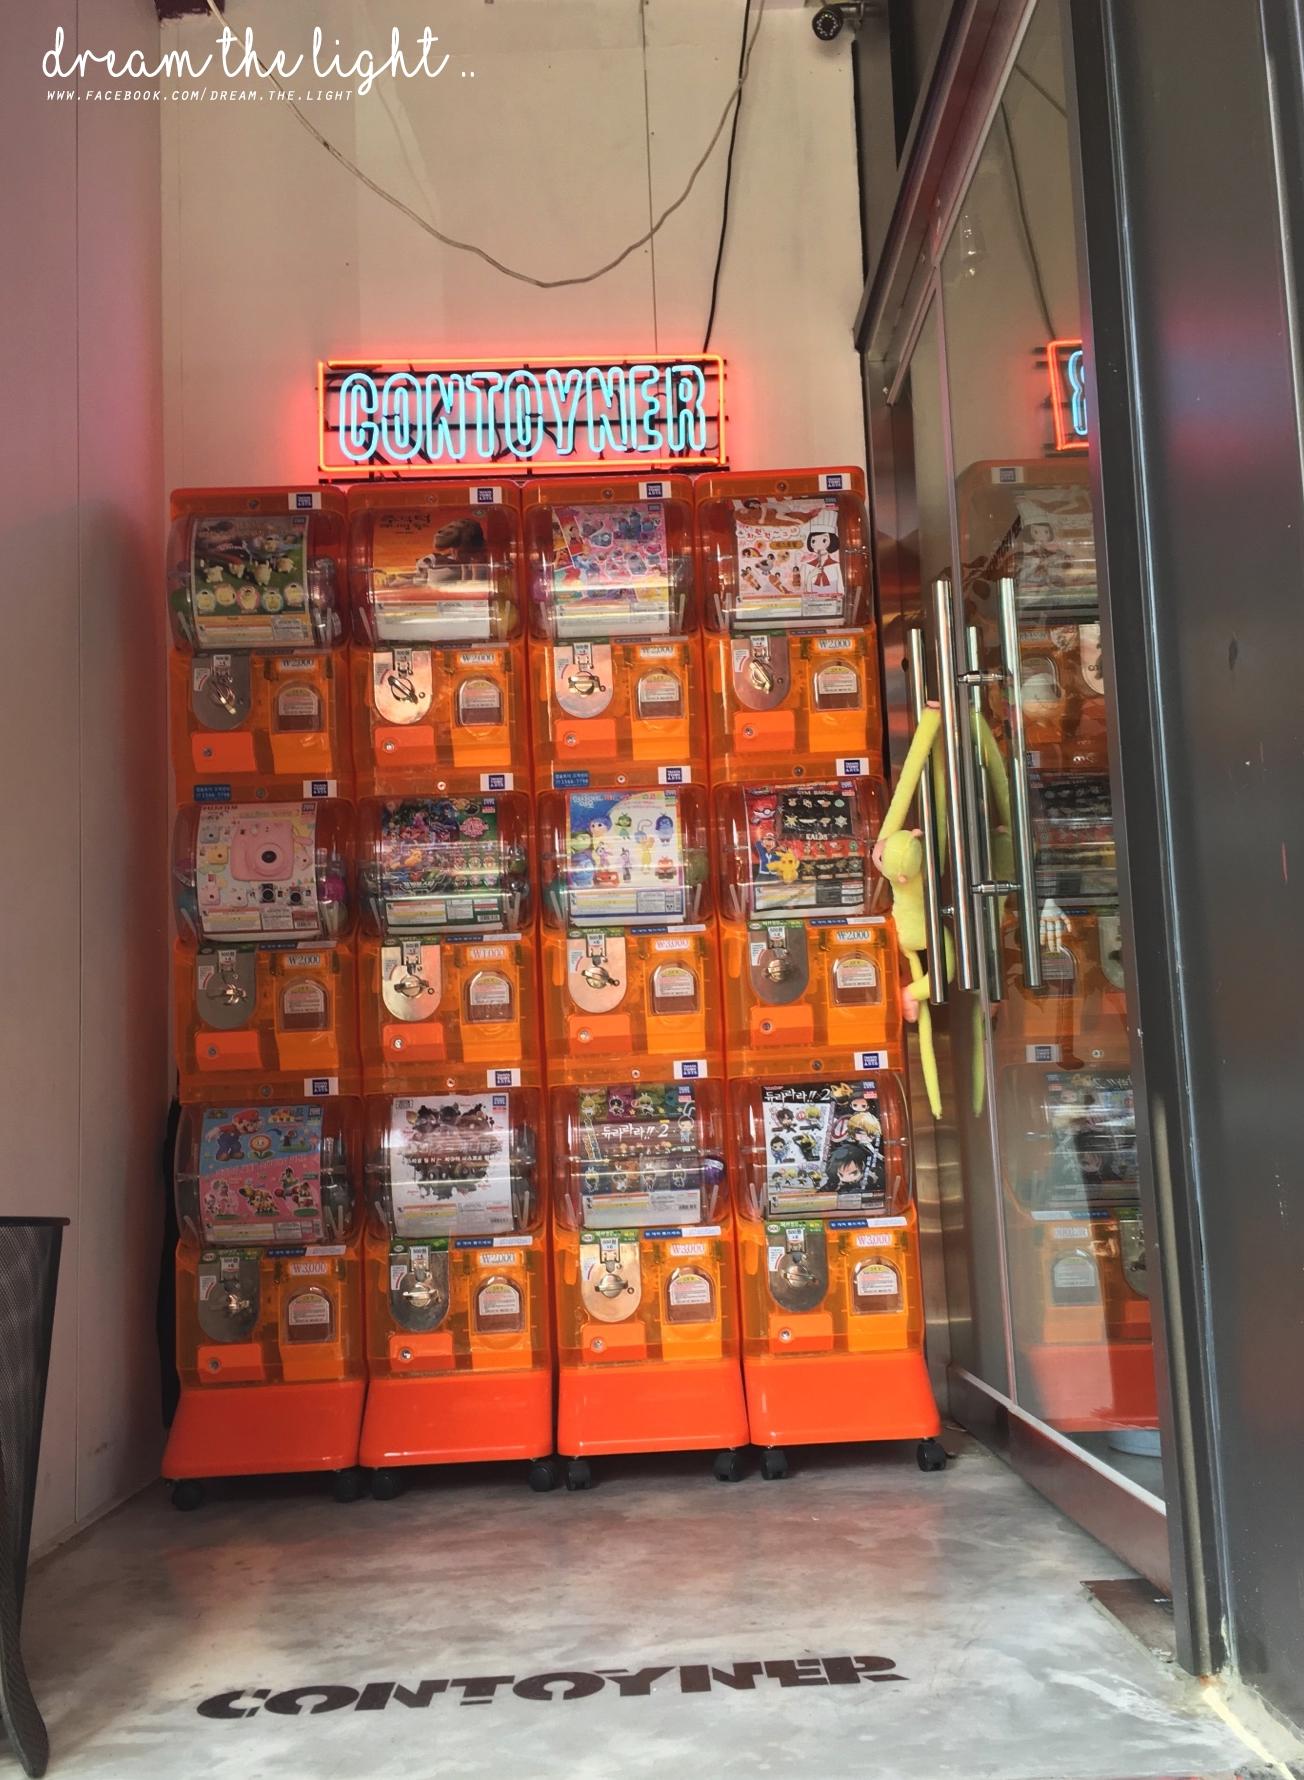 樓梯走上去後,就可以看到一面扭蛋機,是的沒錯,咖啡廳的名字也跟玩具有關,店內的設計也是充滿童趣感。